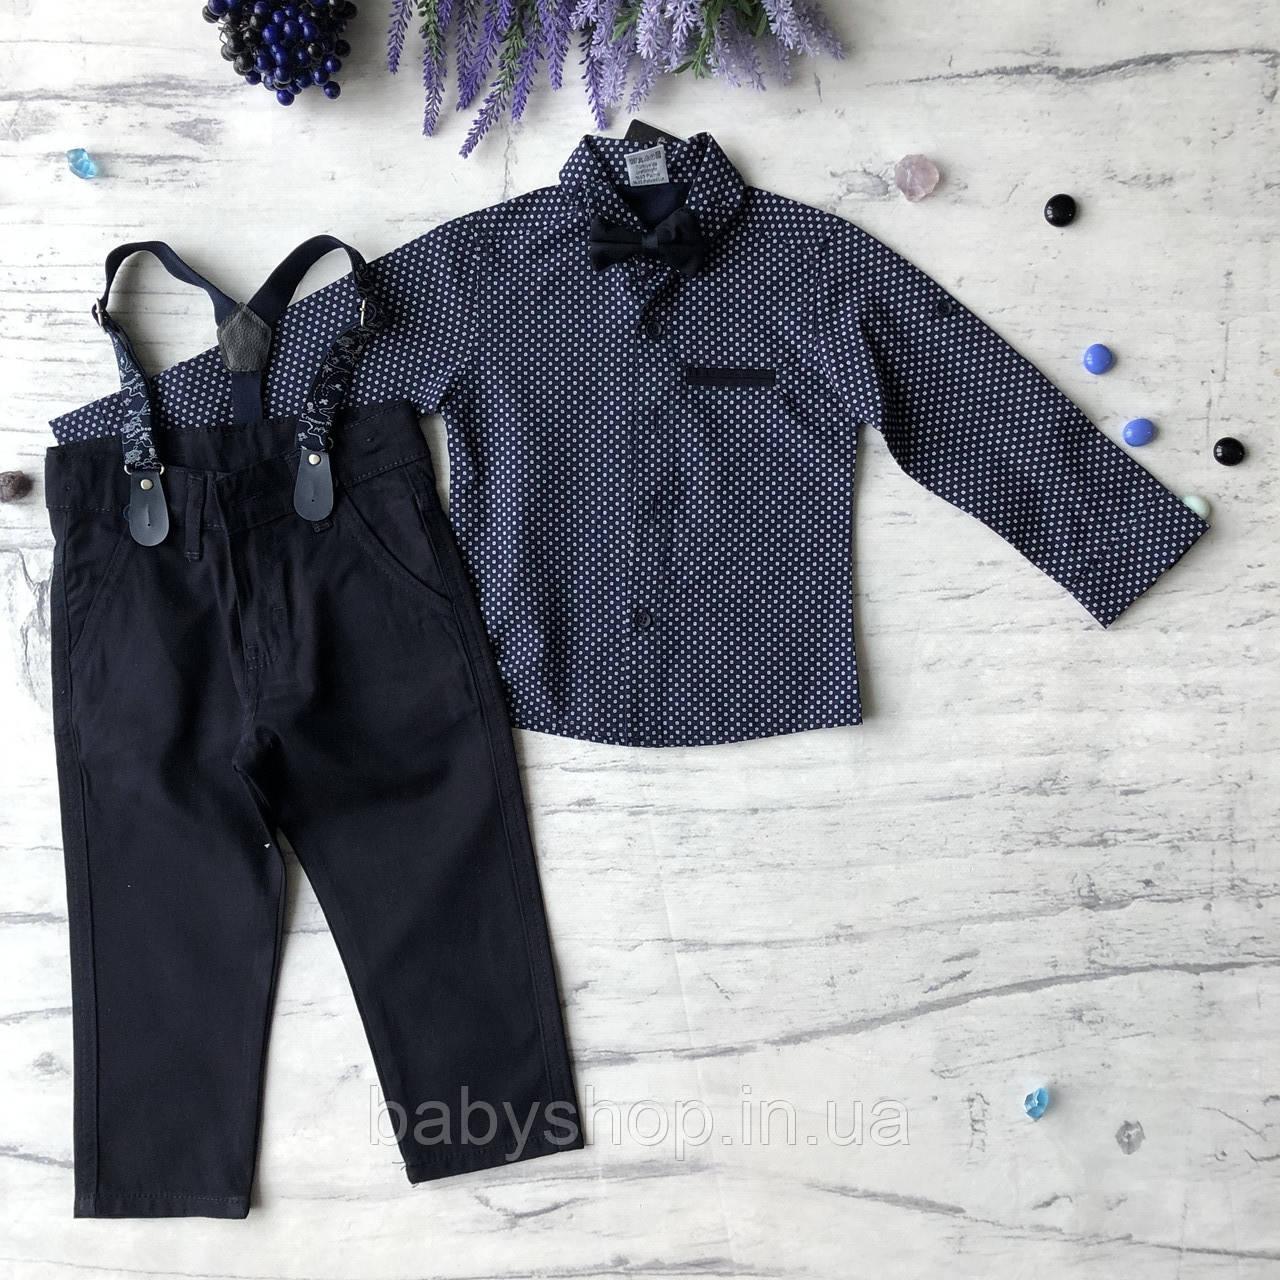 Нарядный костюм на мальчика 588. Размер 86 см, 92 см, 98 см, 104 см